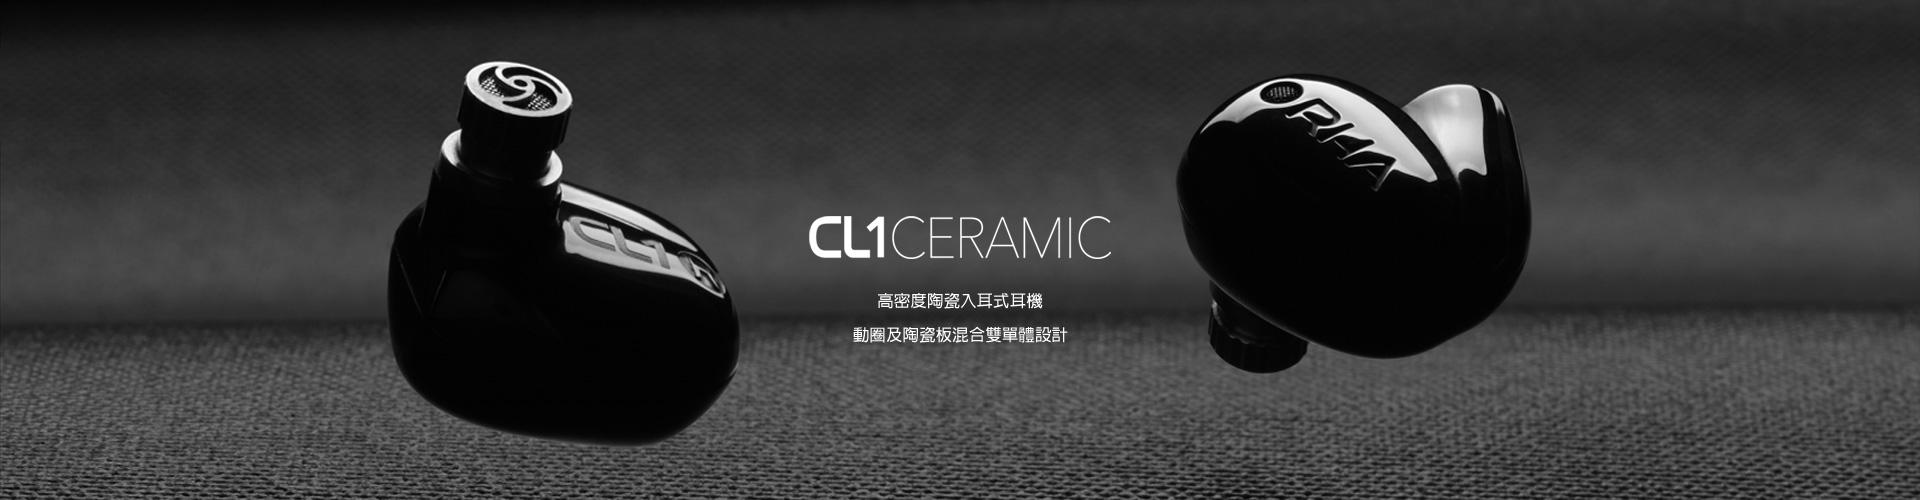 CL1 Ceramic